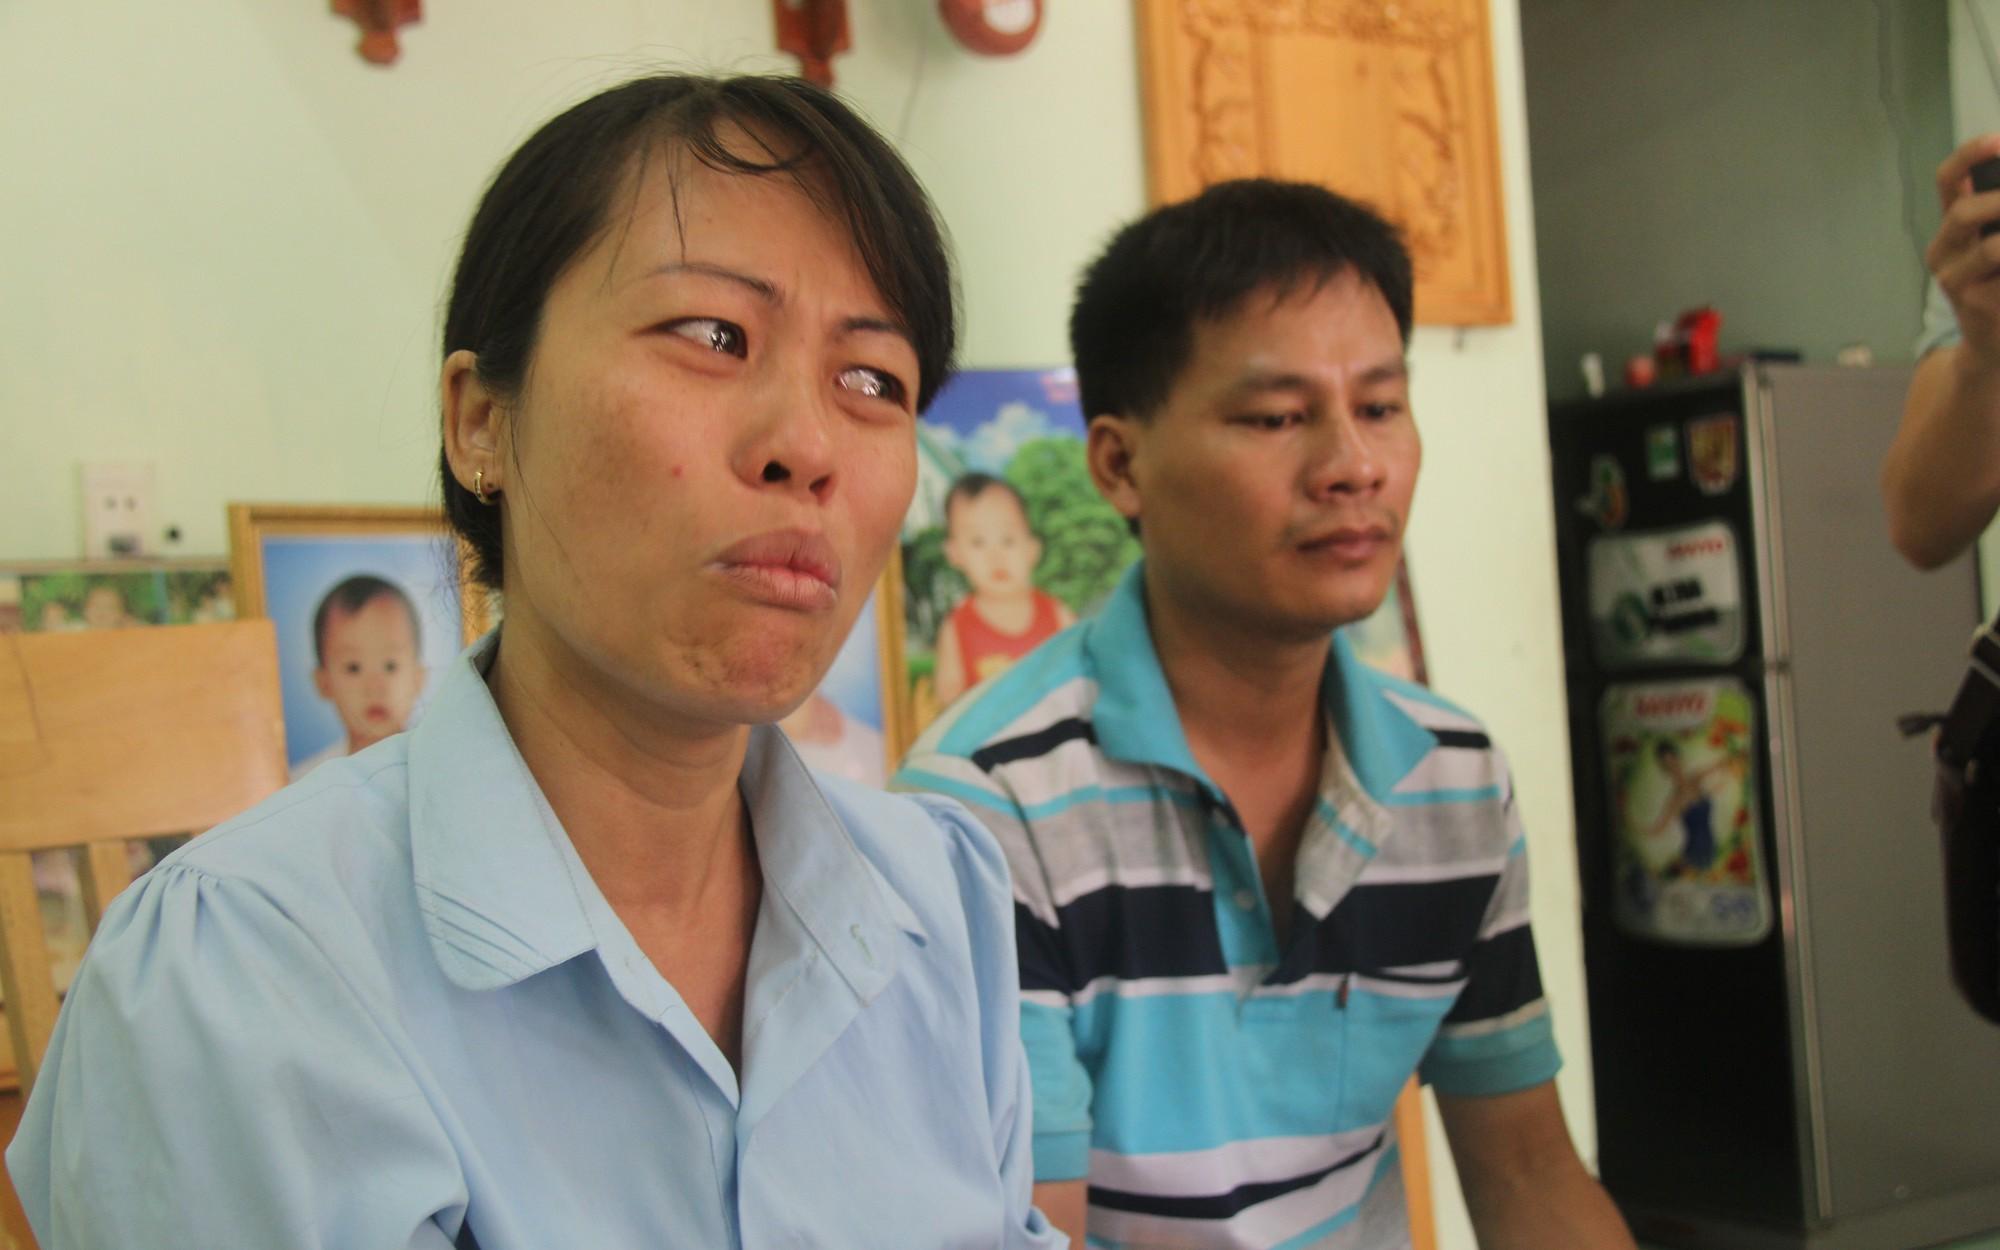 Vụ 2 cháu bé chết vì tai nạn, bố mẹ ôm di ảnh cầu cứu: Tài xế xe khách đã bị khởi tố và bắt tạm giam